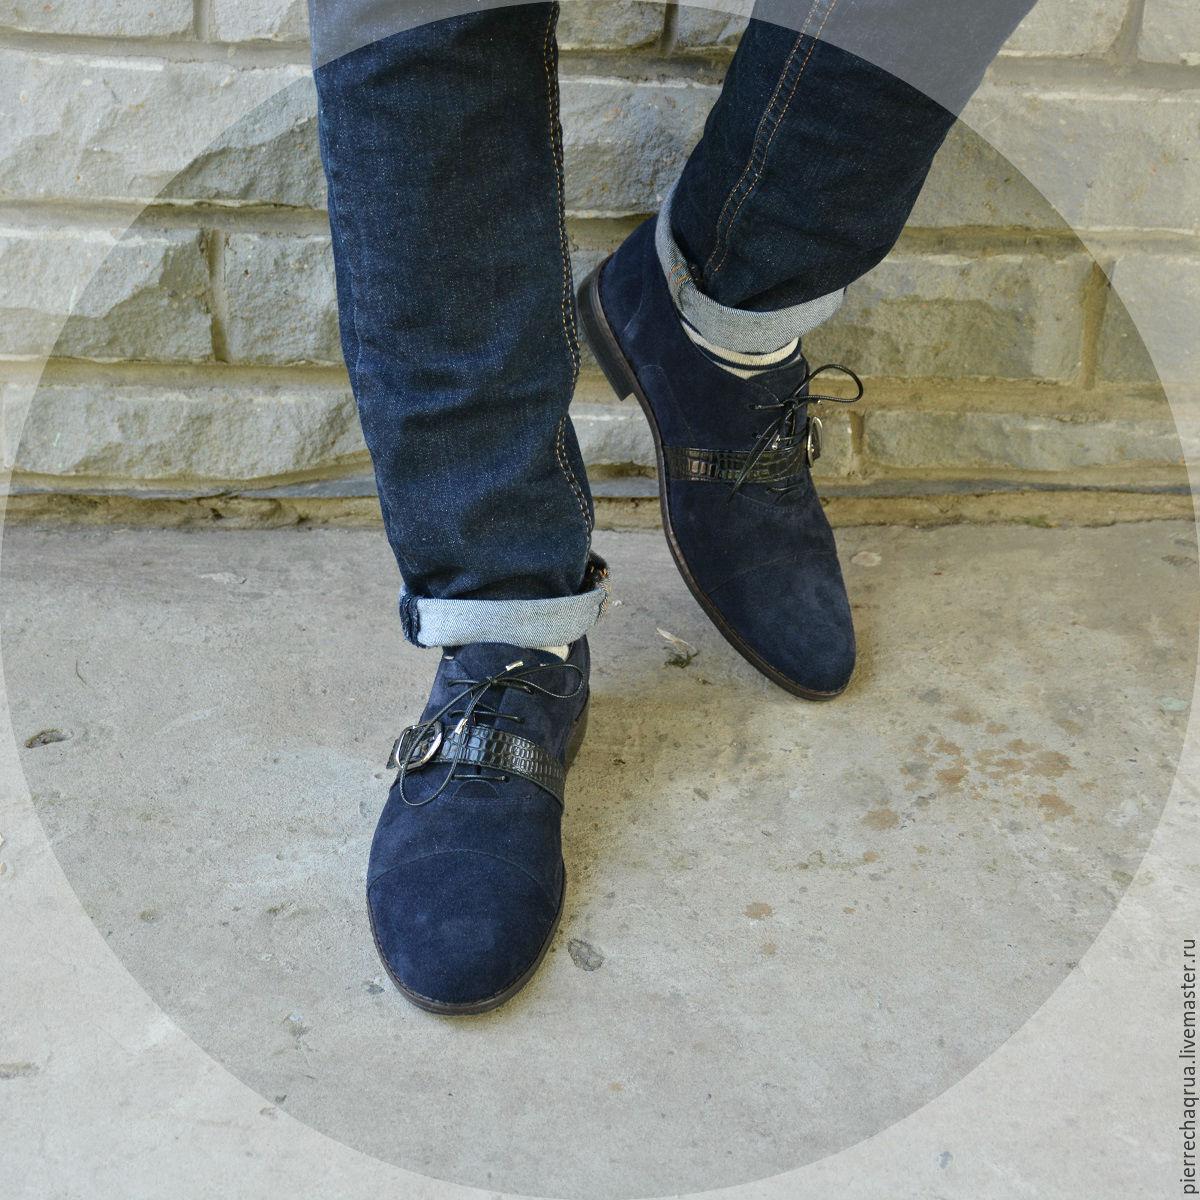 Ботинки lowa ronan gtx mid отзывы нашим